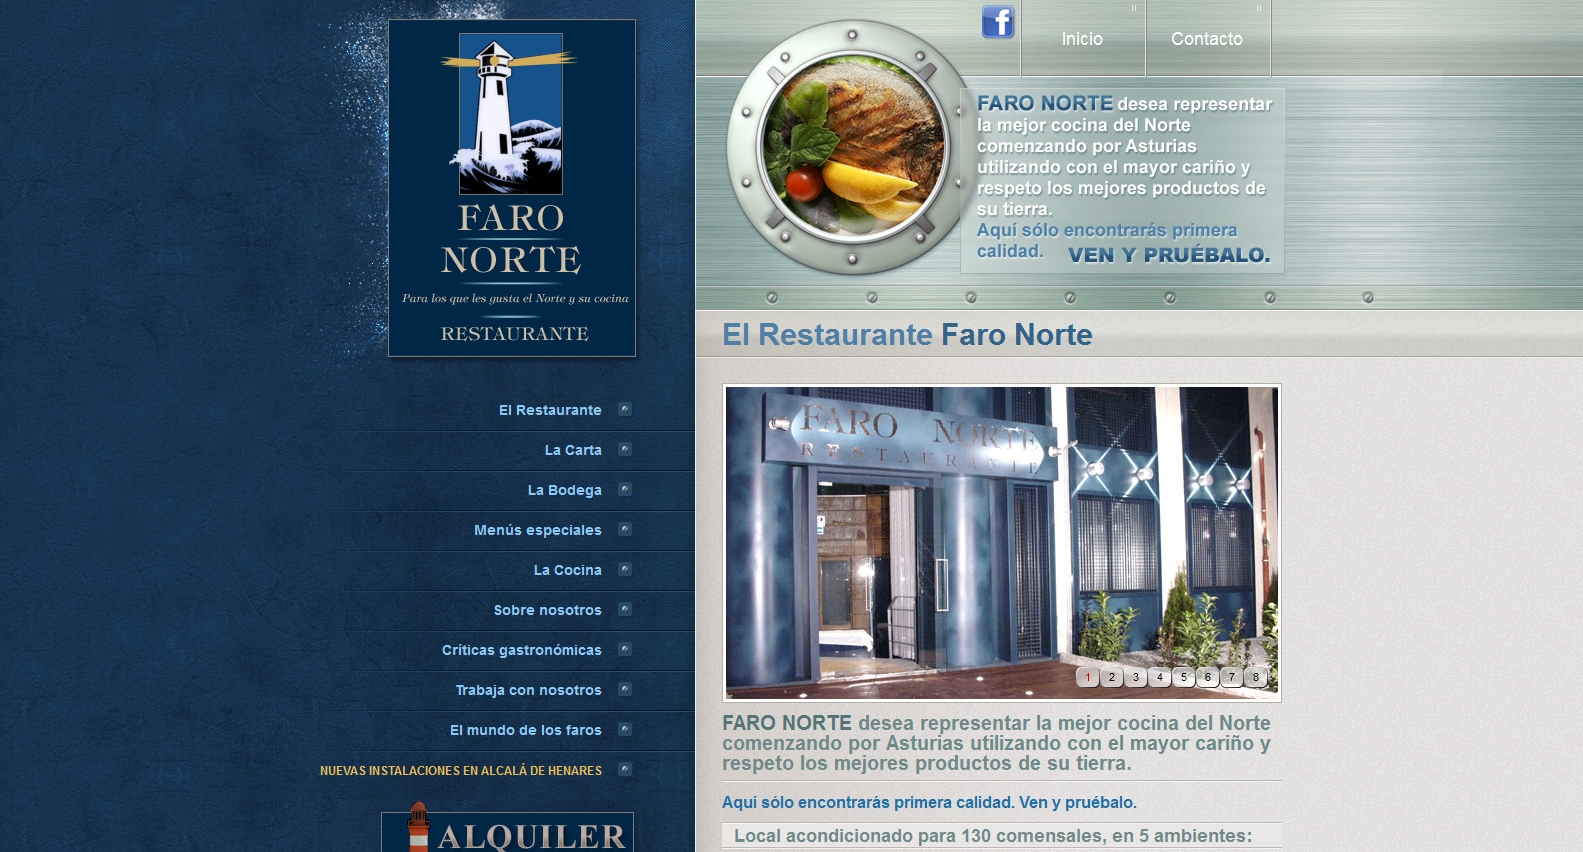 Faro Norte